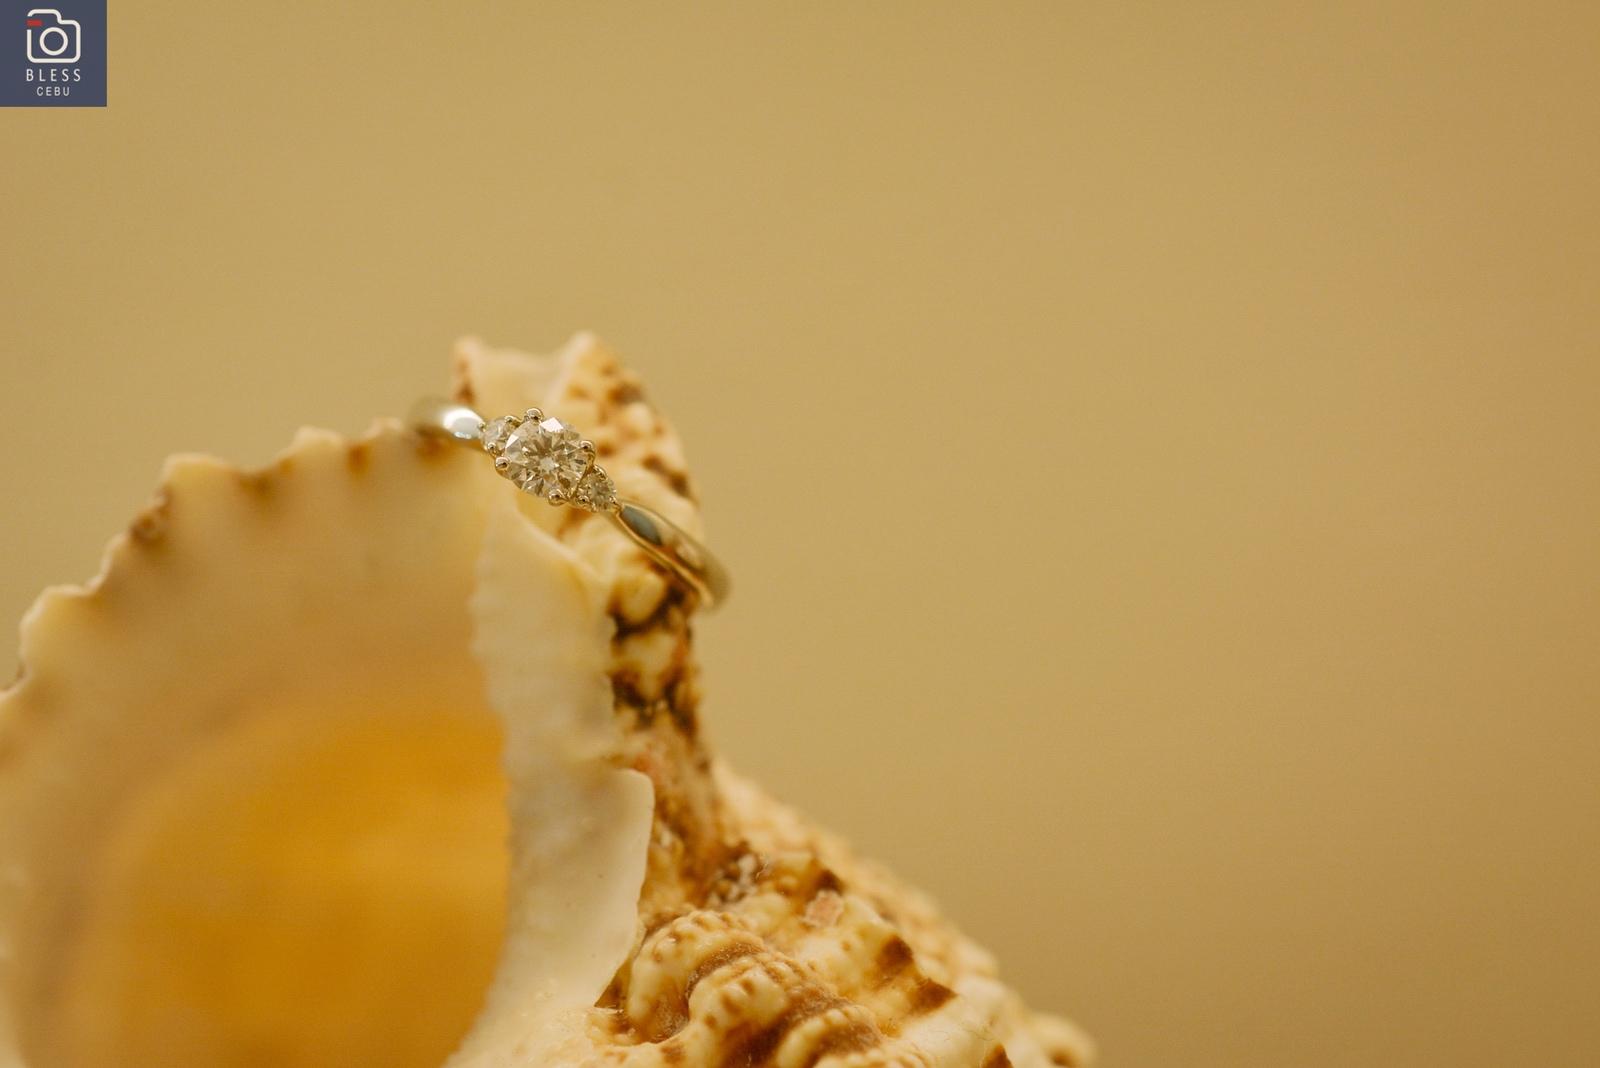 婚約指輪はどんな指輪が主流